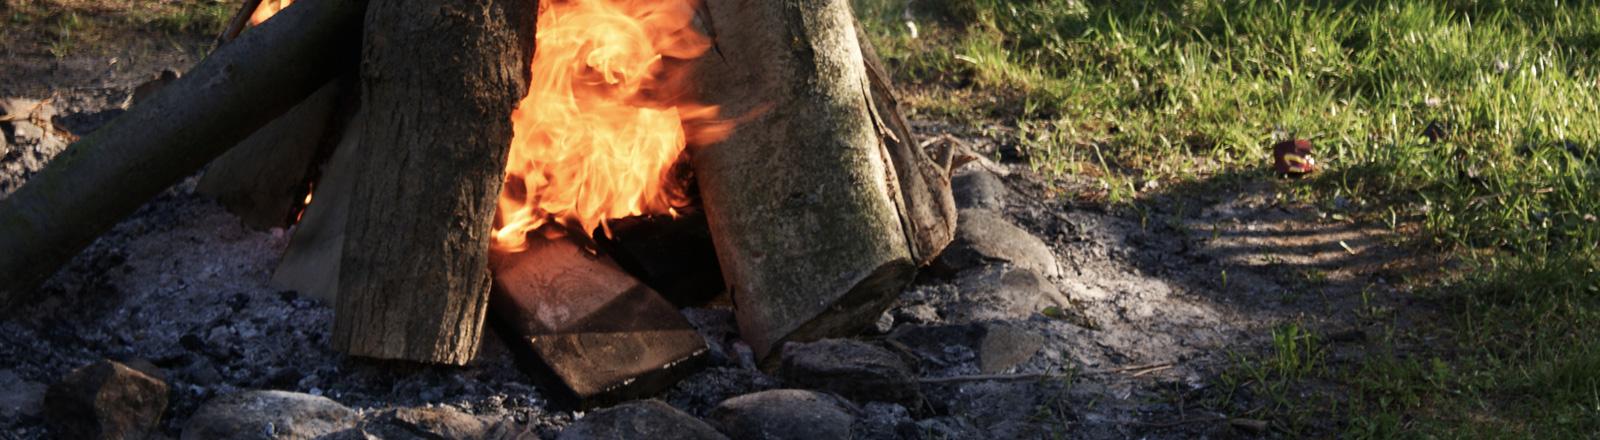 Lagerfeuer auf der Wiese